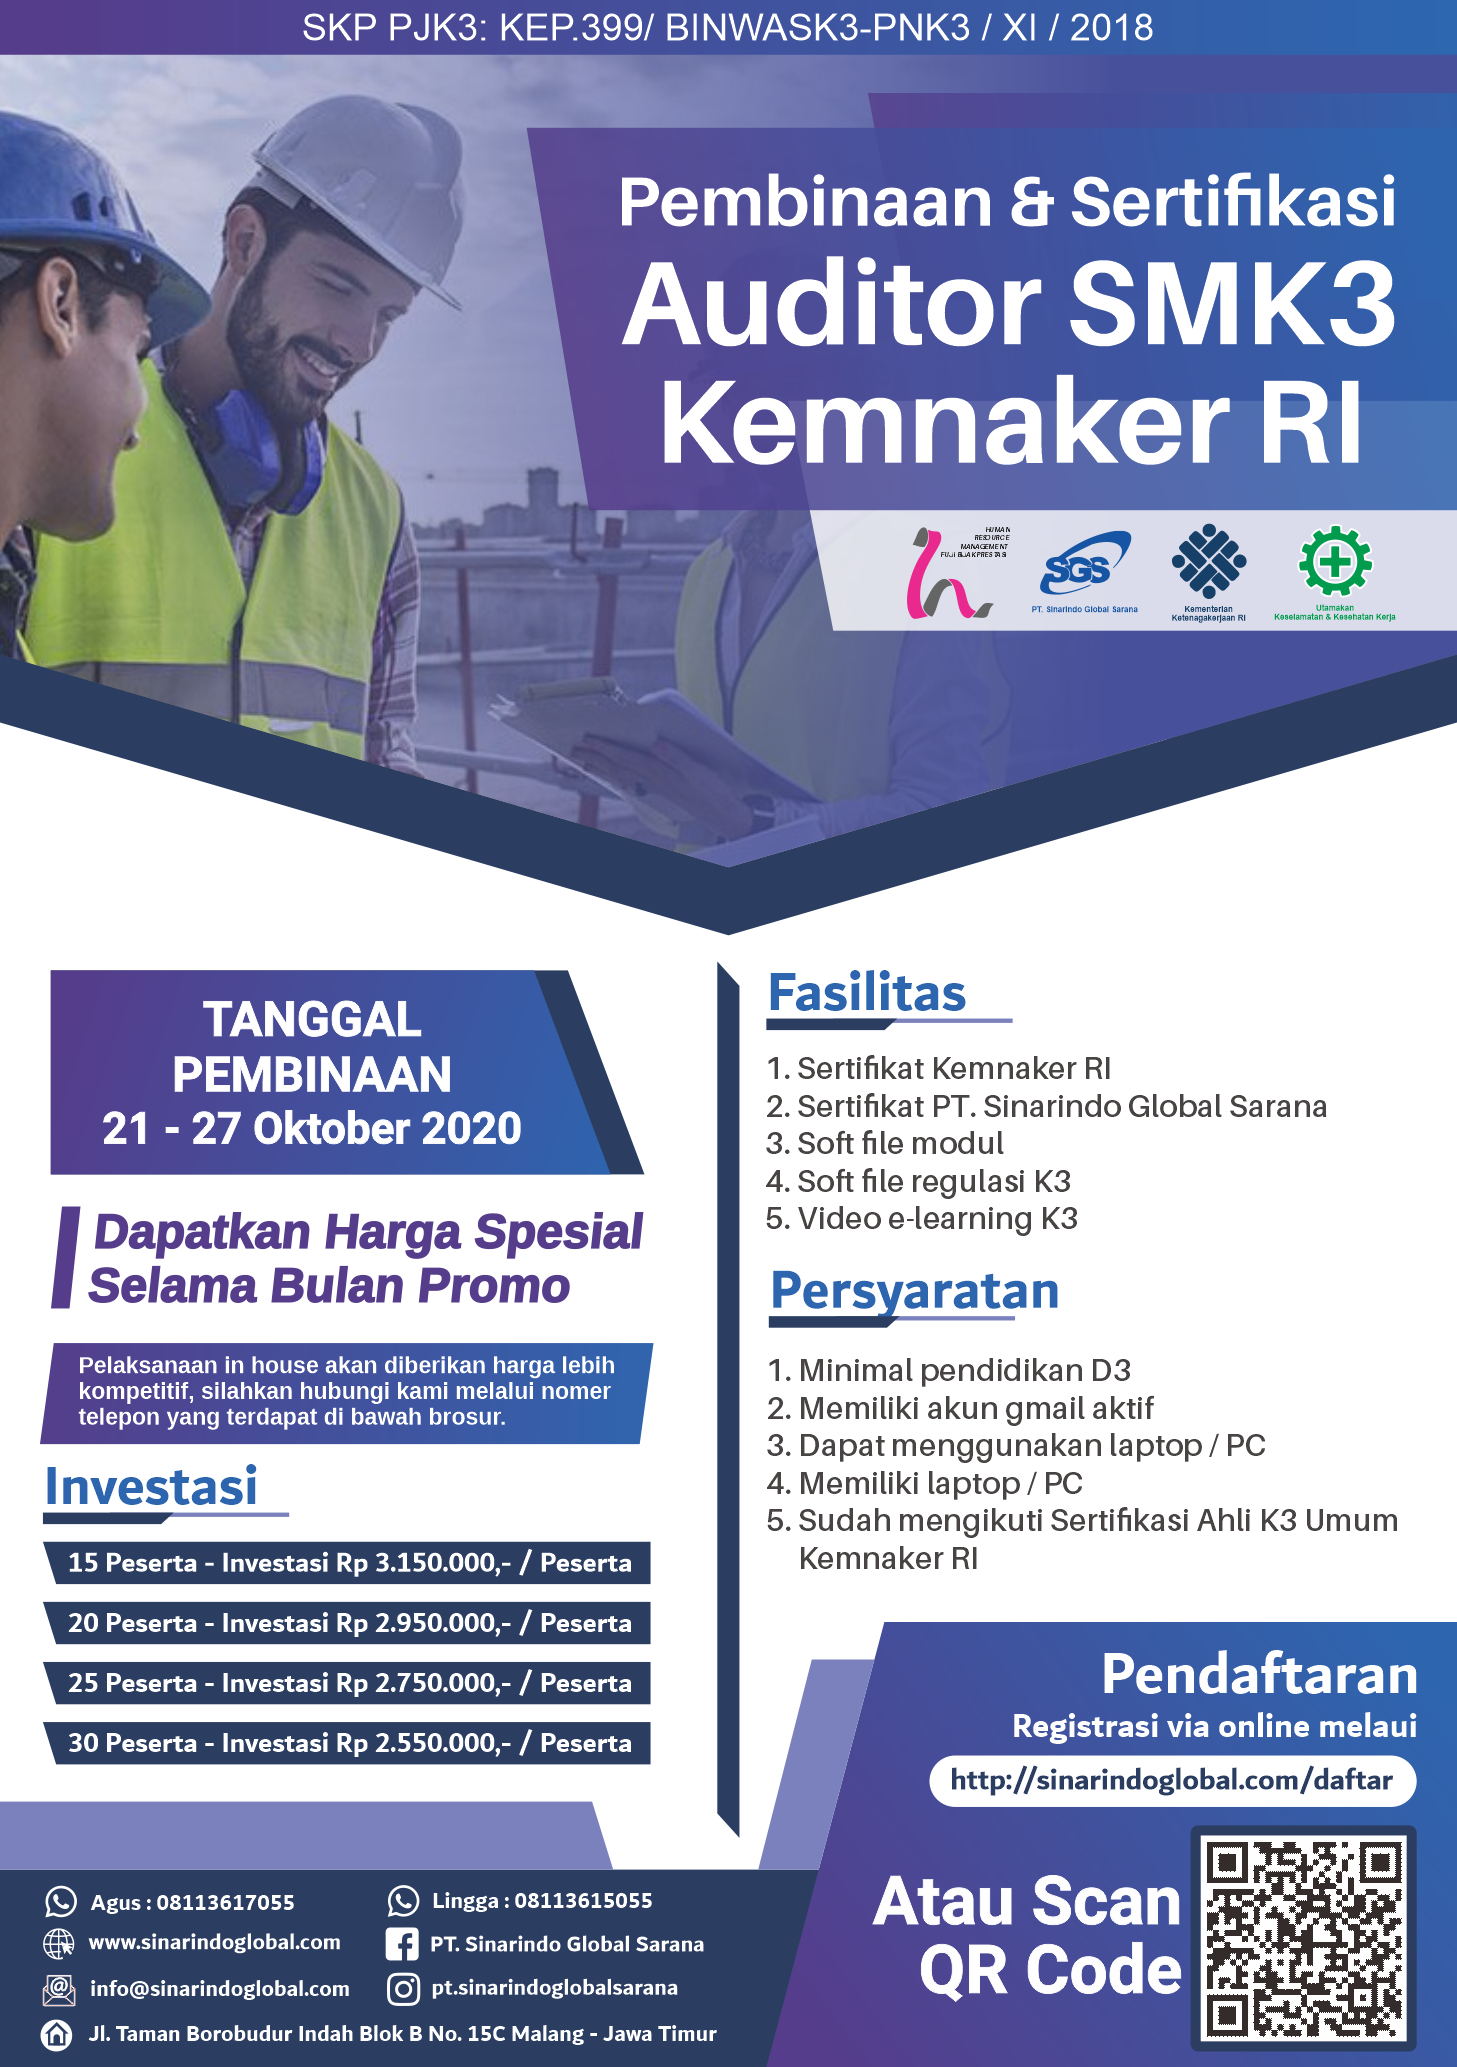 Sertifikat Auditor SMK3 ( 006_Amarullah Muhammad )